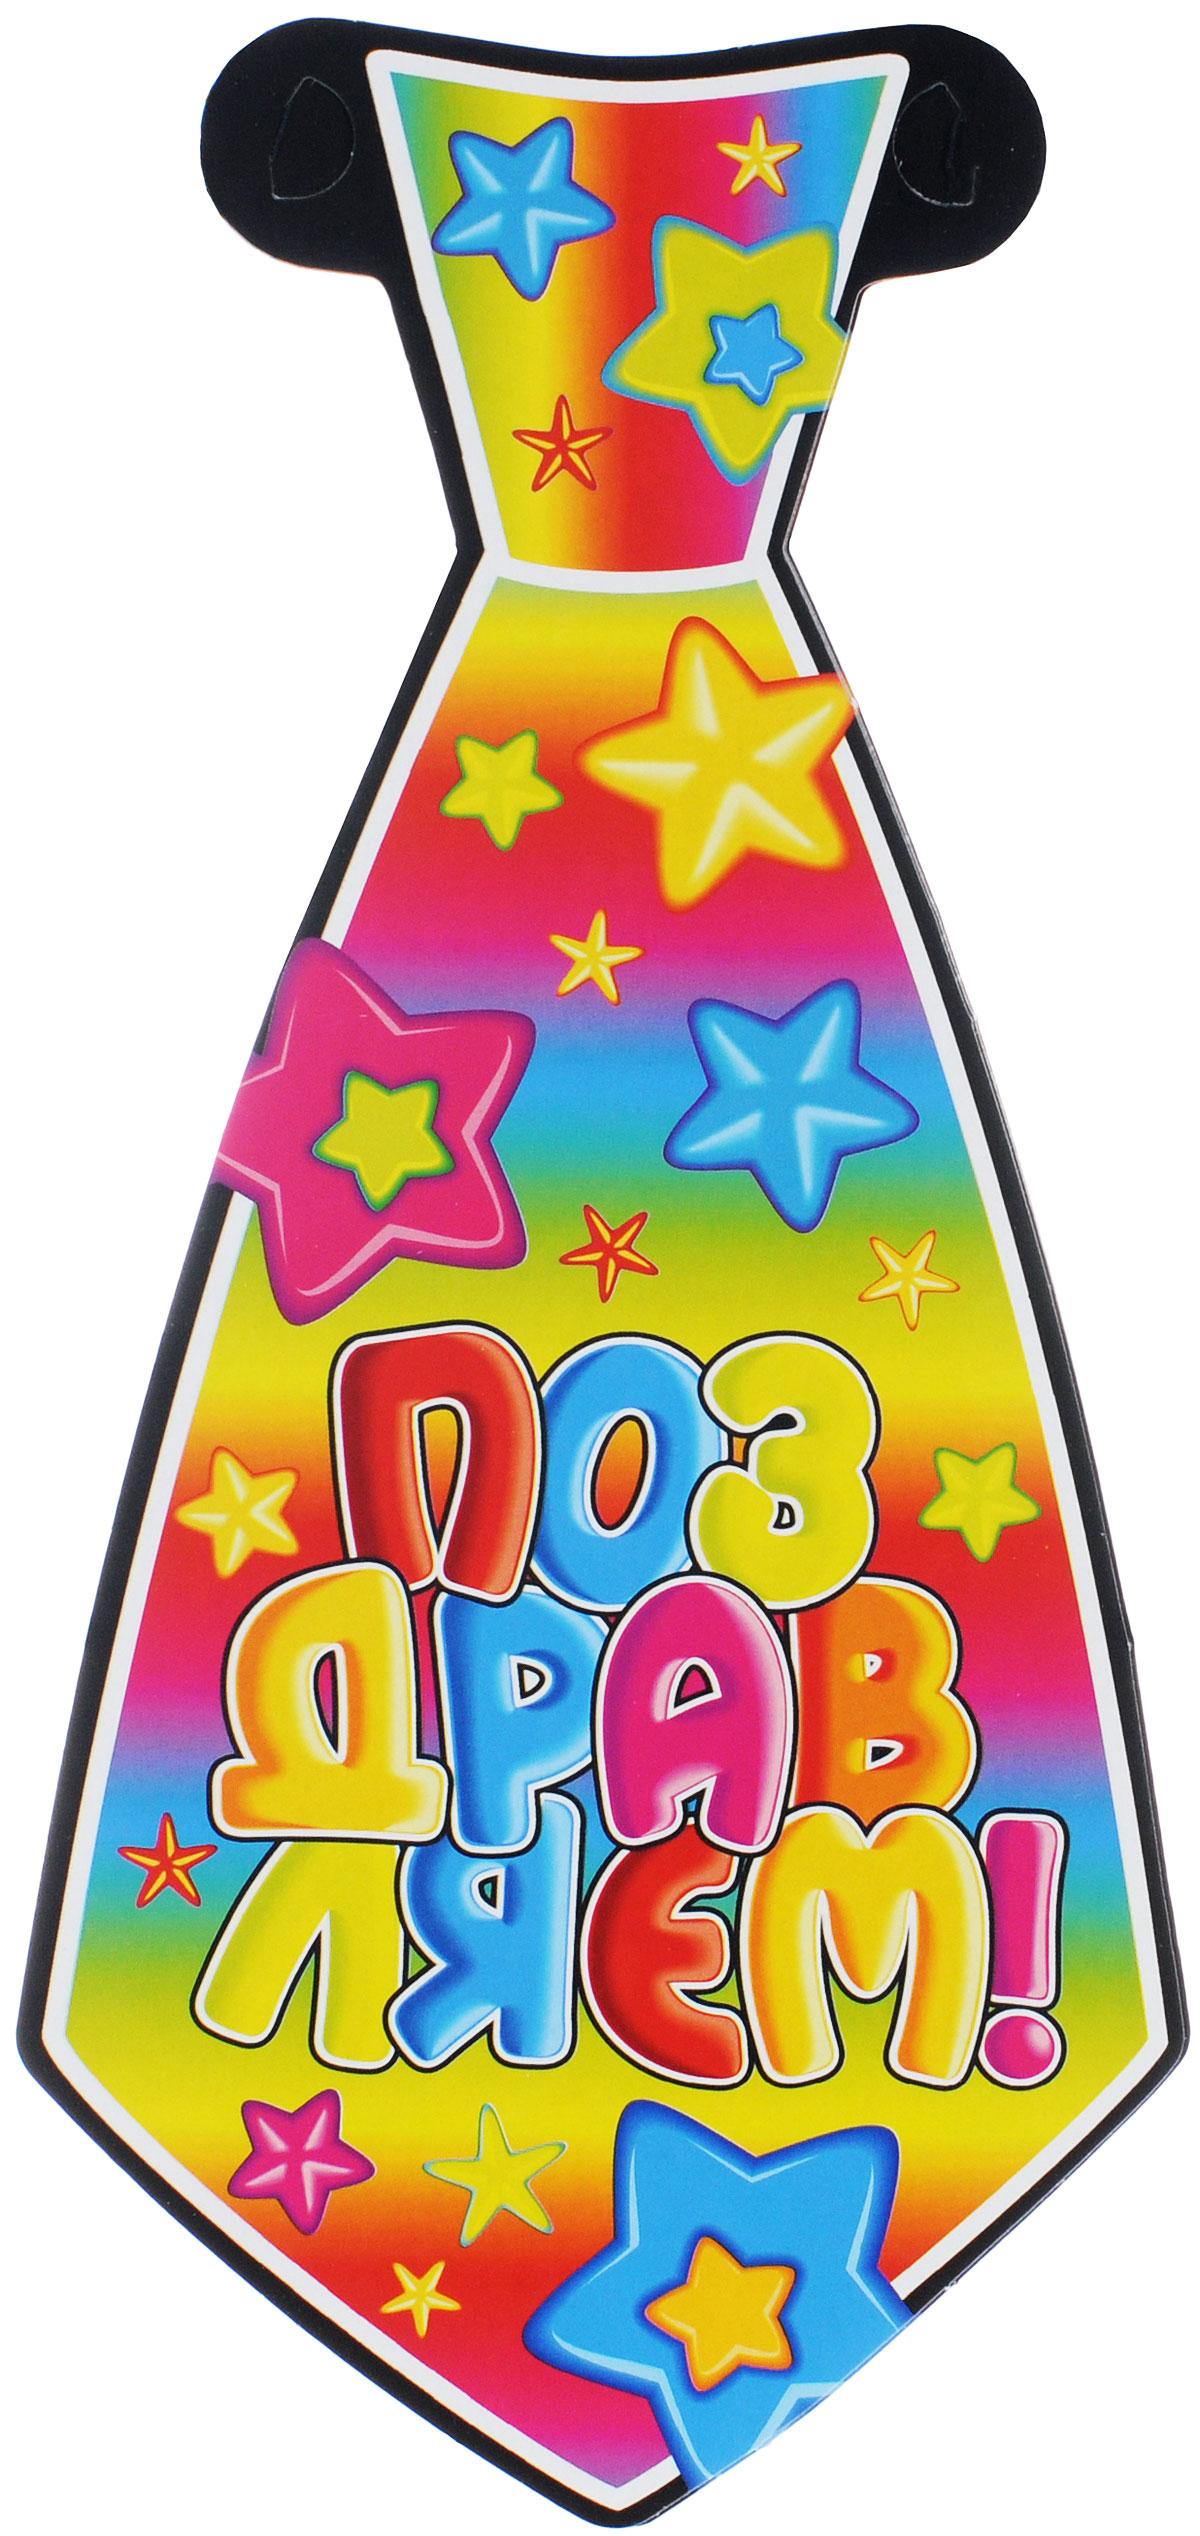 Веселая затея Галстук Поздравляем: Звезды, 8 шт1501-0443Галстук Веселая затея Поздравляем: Звезды развеселит вас и ваших друзей в праздничный день. Галстук выполнен из картона и оформлен изображением красивых звезд с надписью Поздравляем!. Имеет веревочку для надежного крепления. Радуйте себя и родных, дарите подарки и хорошее настроение! Почувствуйте волшебные минуты ожидания праздника, создайте праздничное настроение вашим дорогим и близким! В комплекте 8 галстуков.